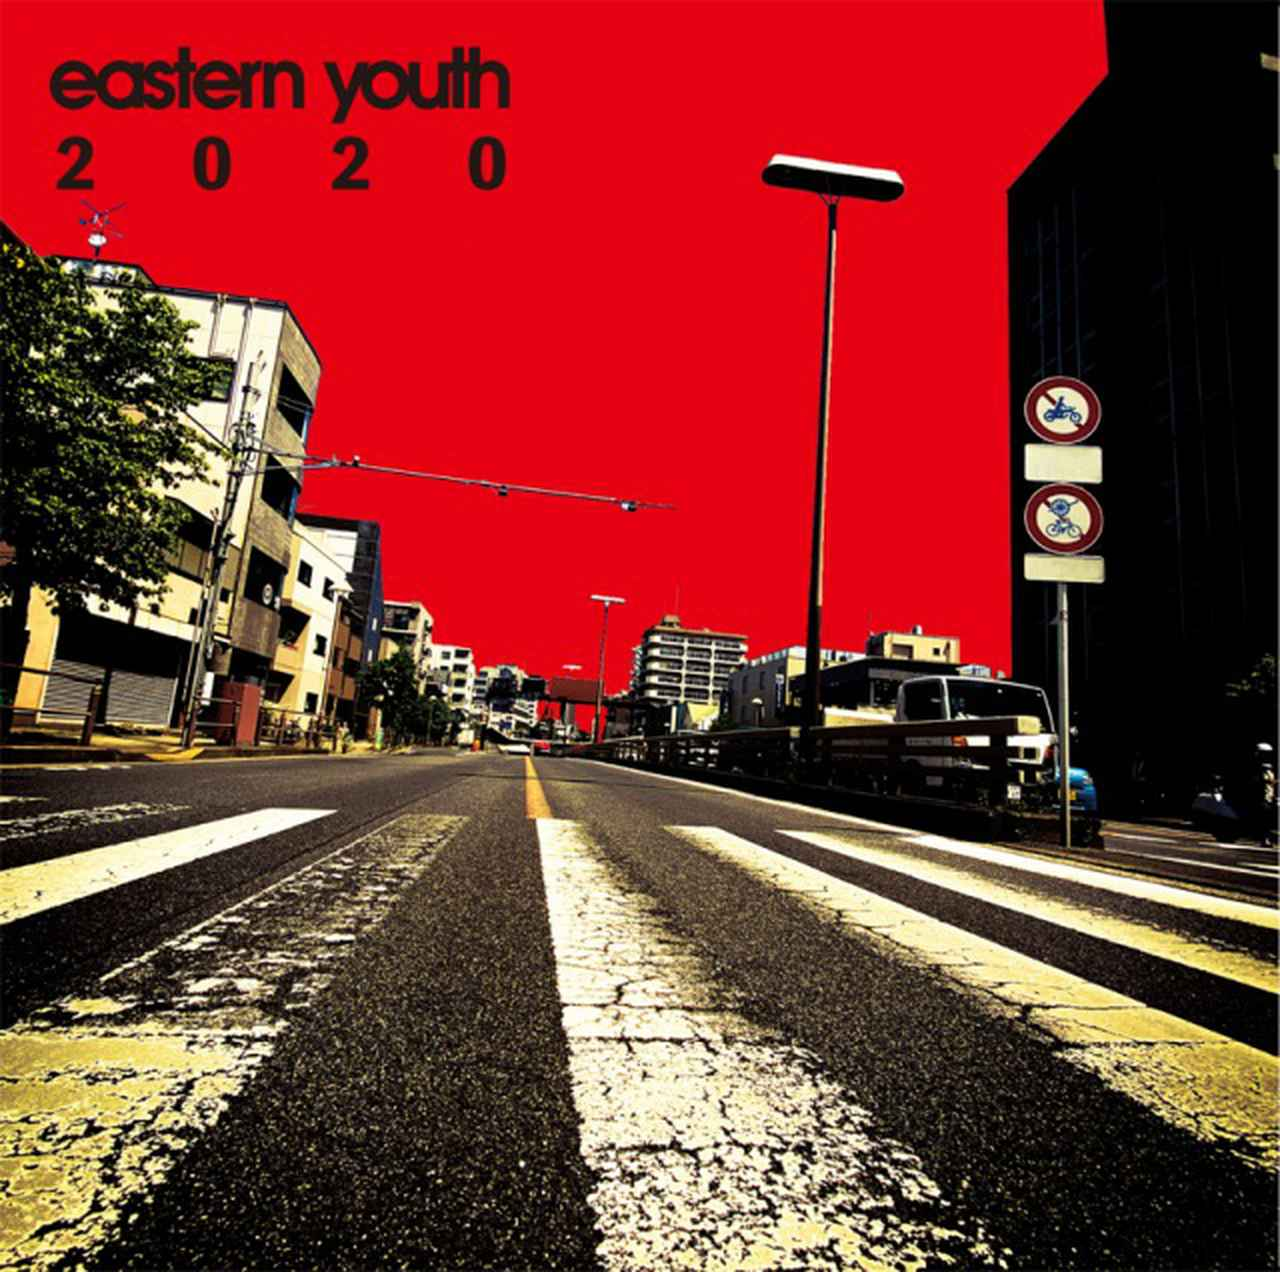 画像: 2020 / eastern youth on OTOTOY Music Store